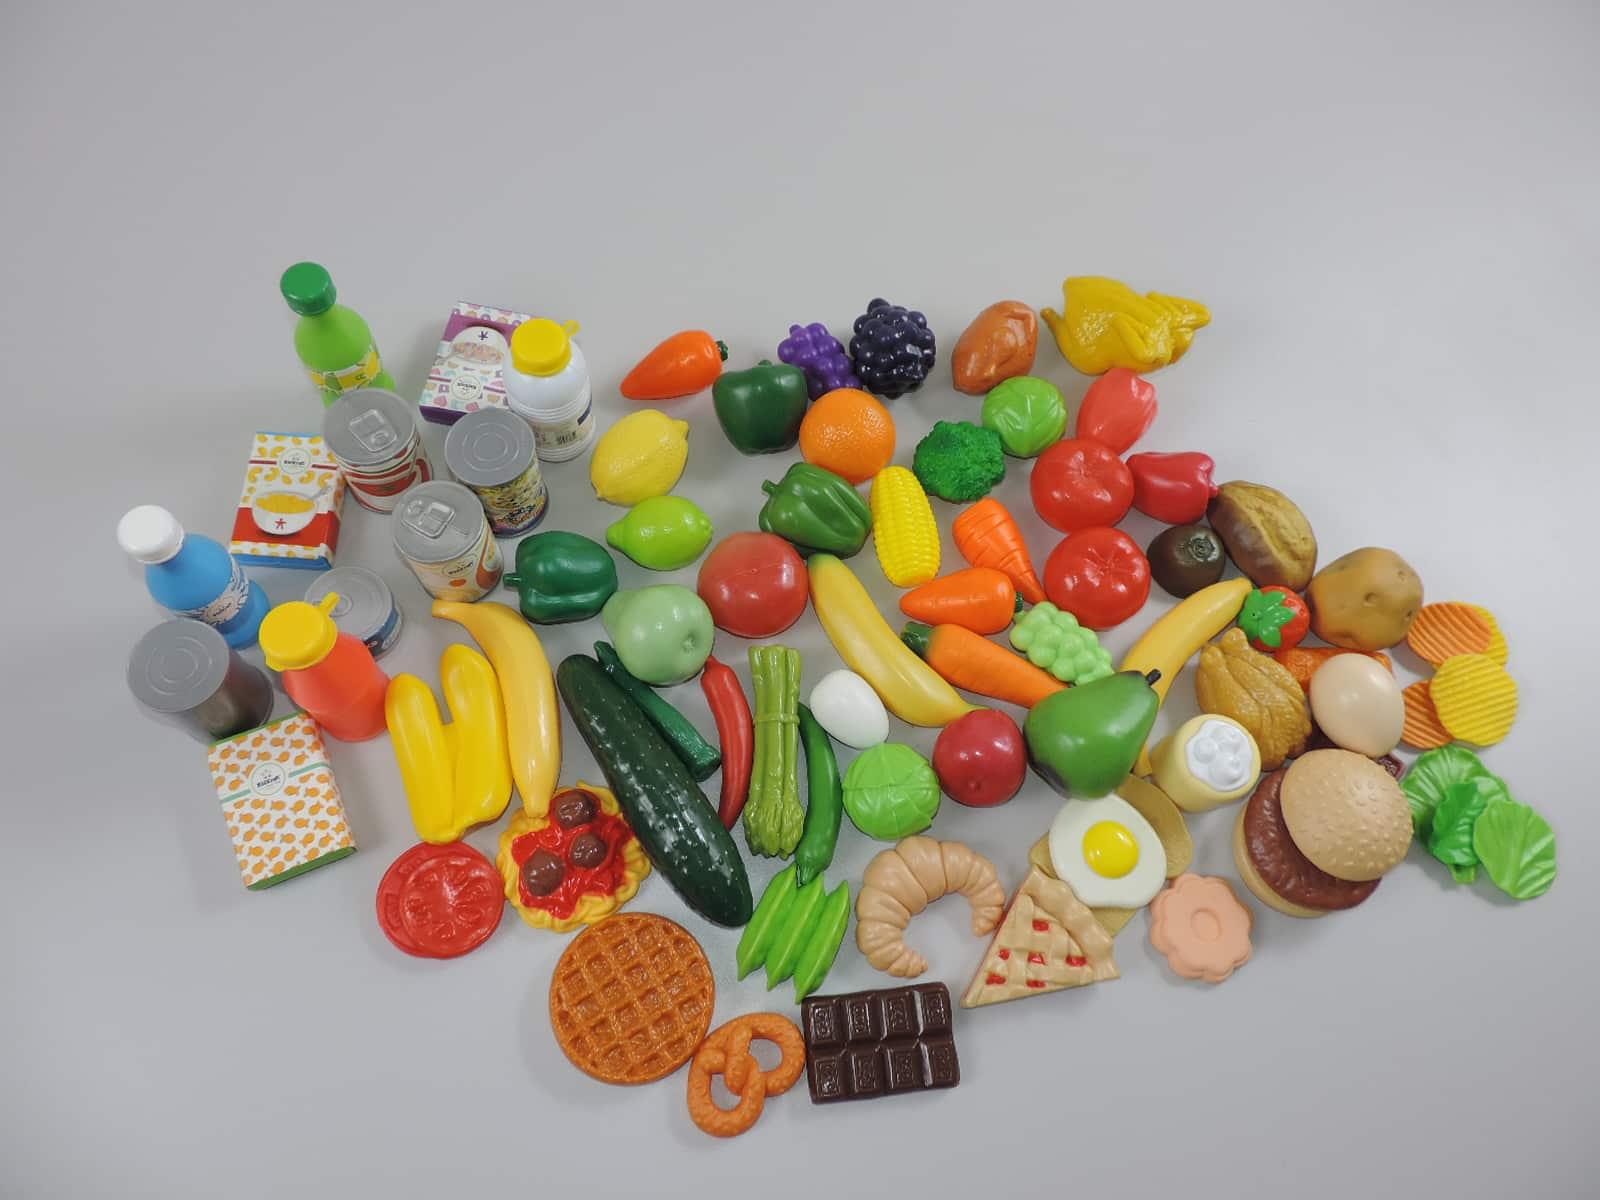 Dieta Wolumetryczna, nazywana również objętościową – zbilansowana dieta pozwalająca schudndąć 0,5kg tygodniowo bez wyrzeczeń!